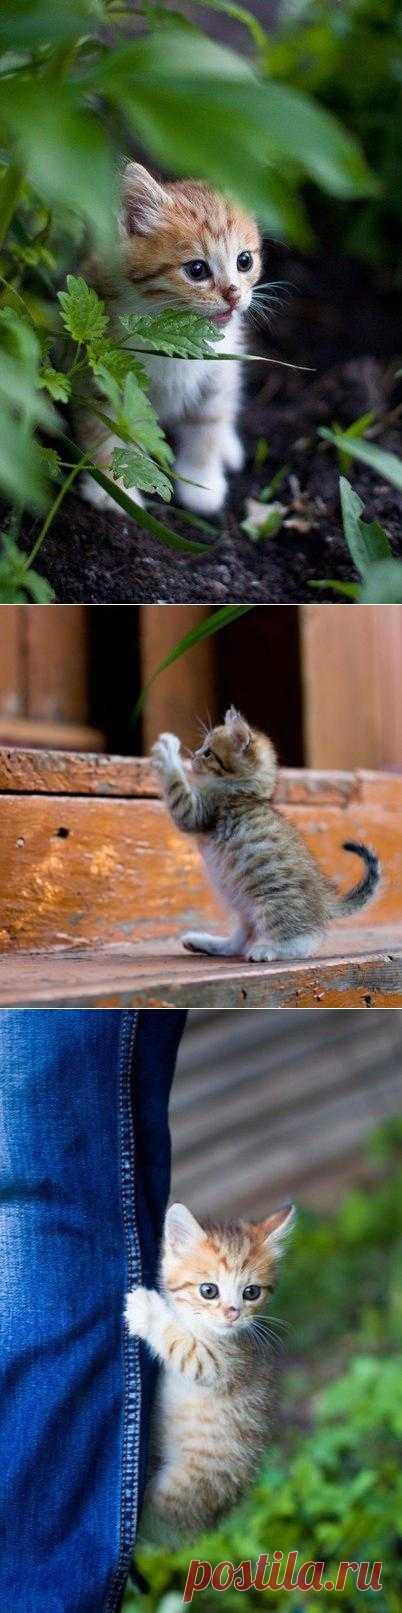 Чудесный котенок!!!